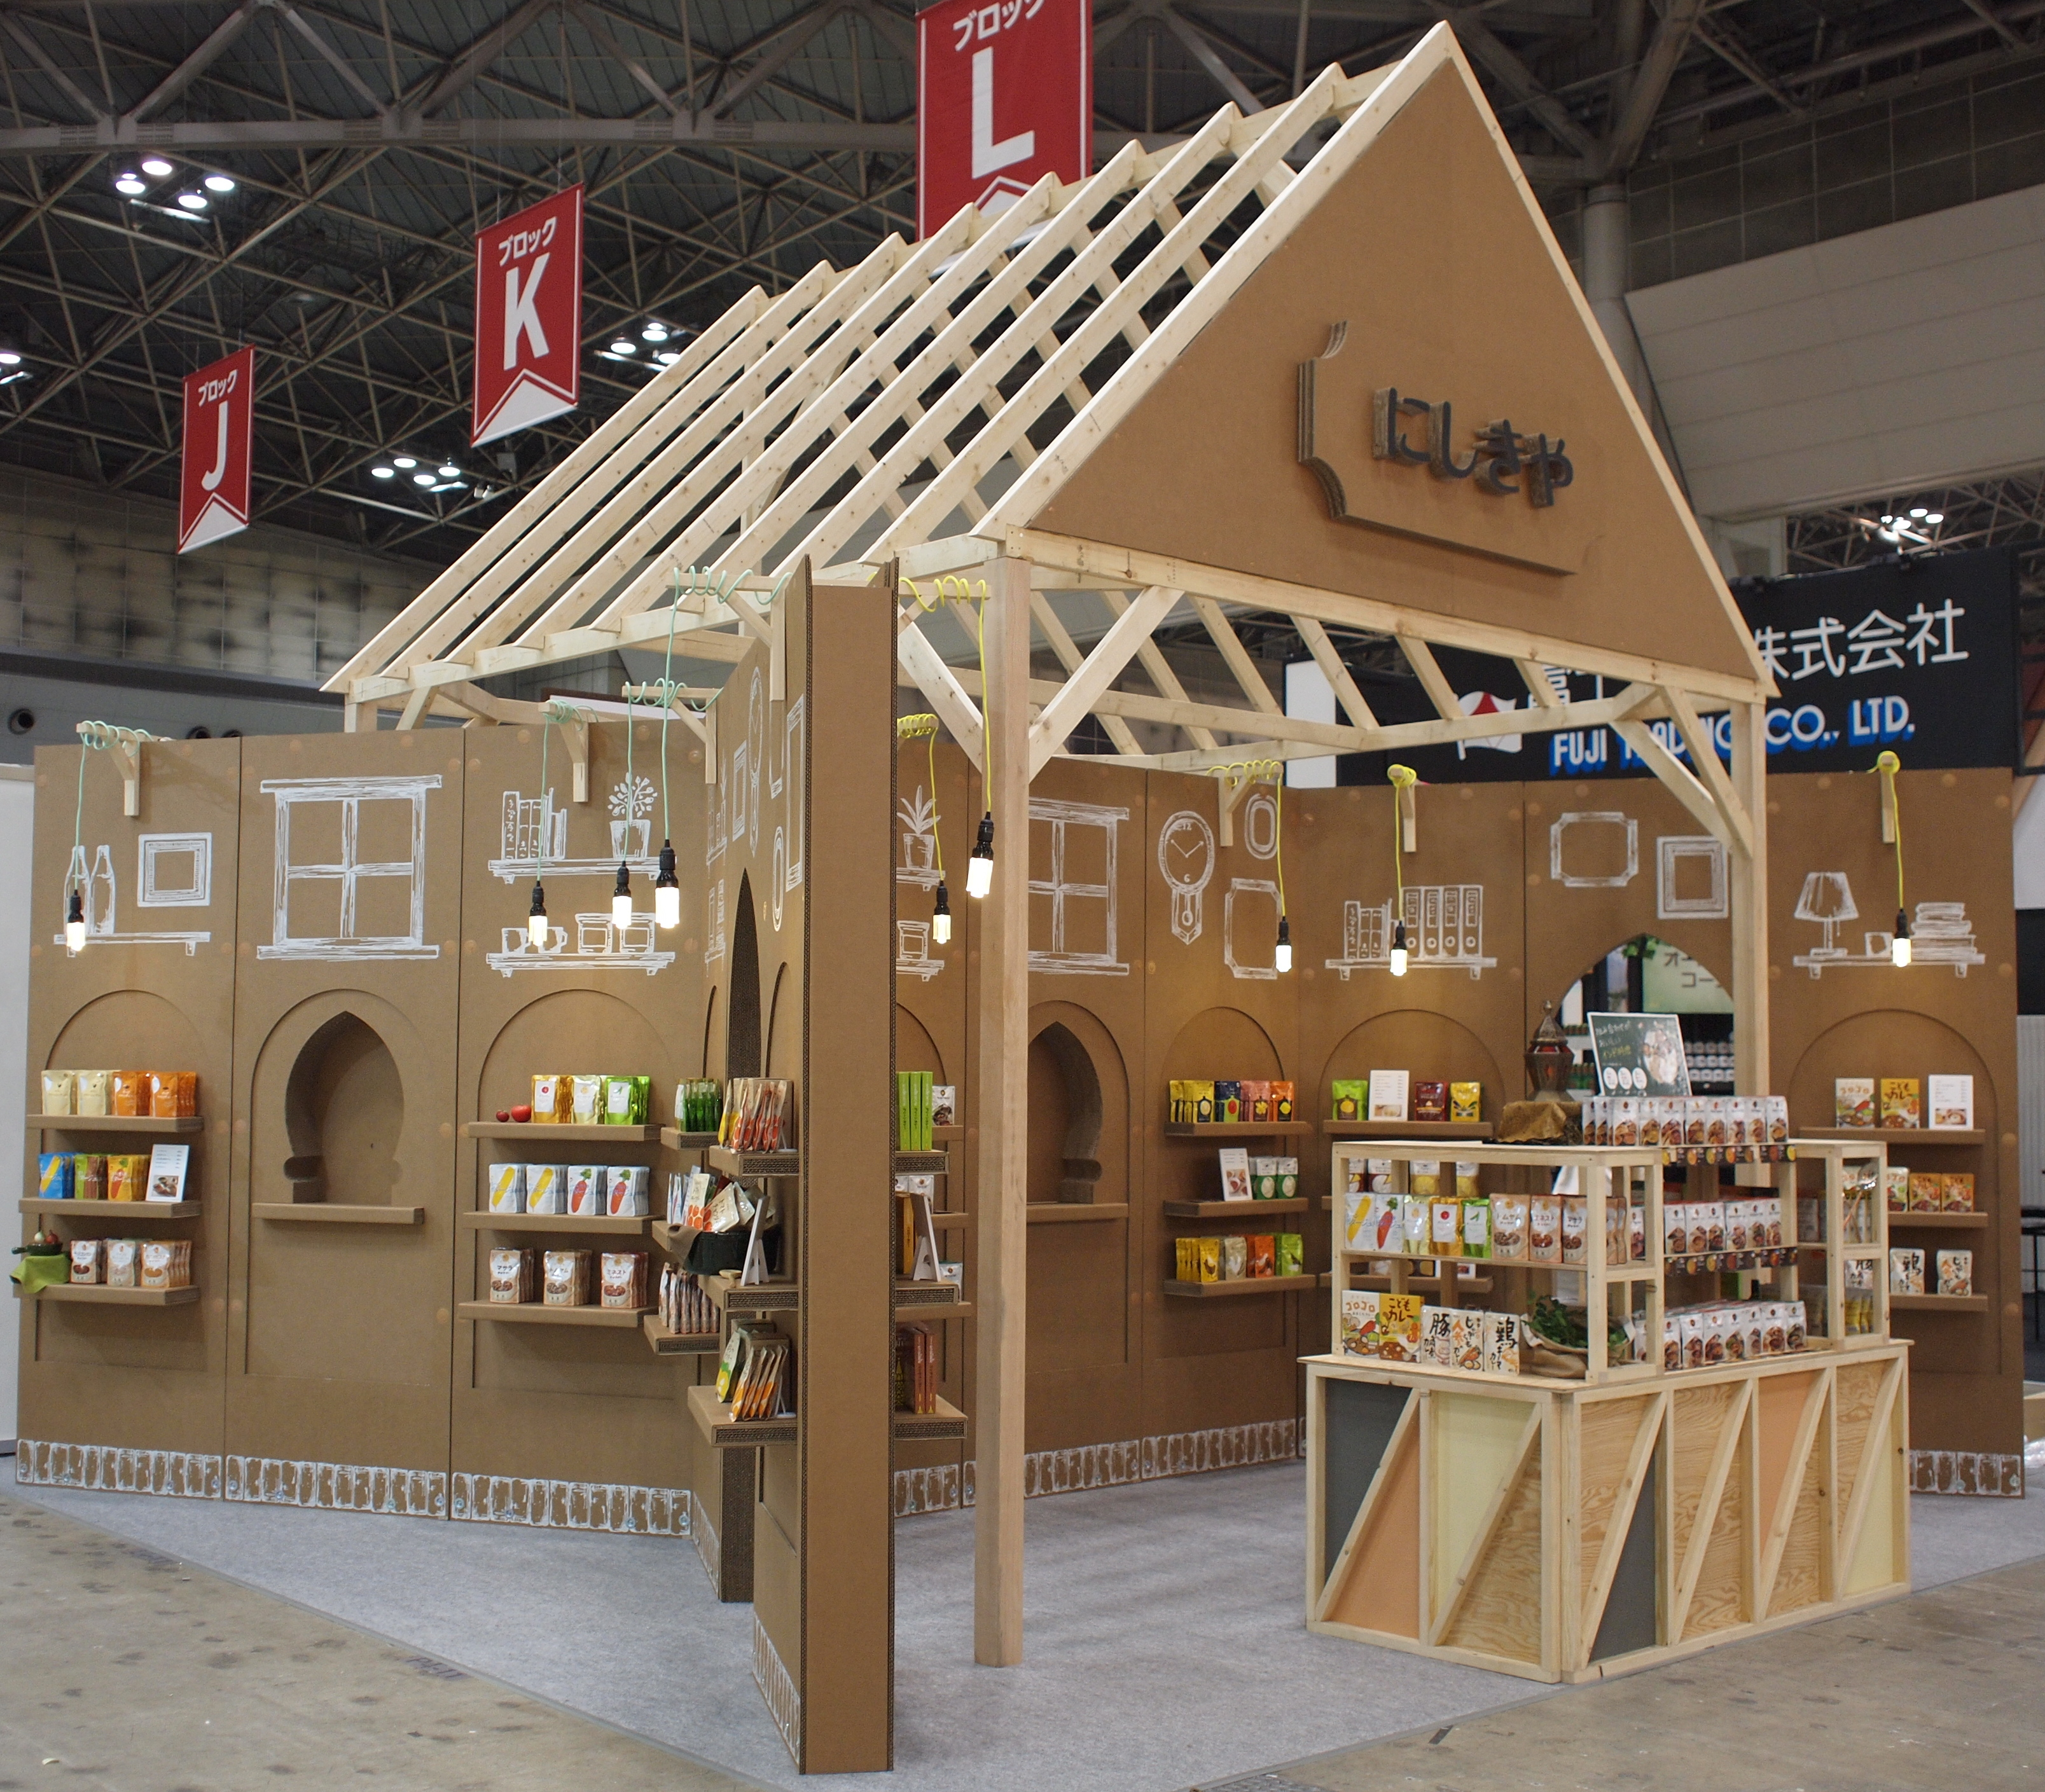 にしき食品 展示会ブース/BIGsight/Tokyo